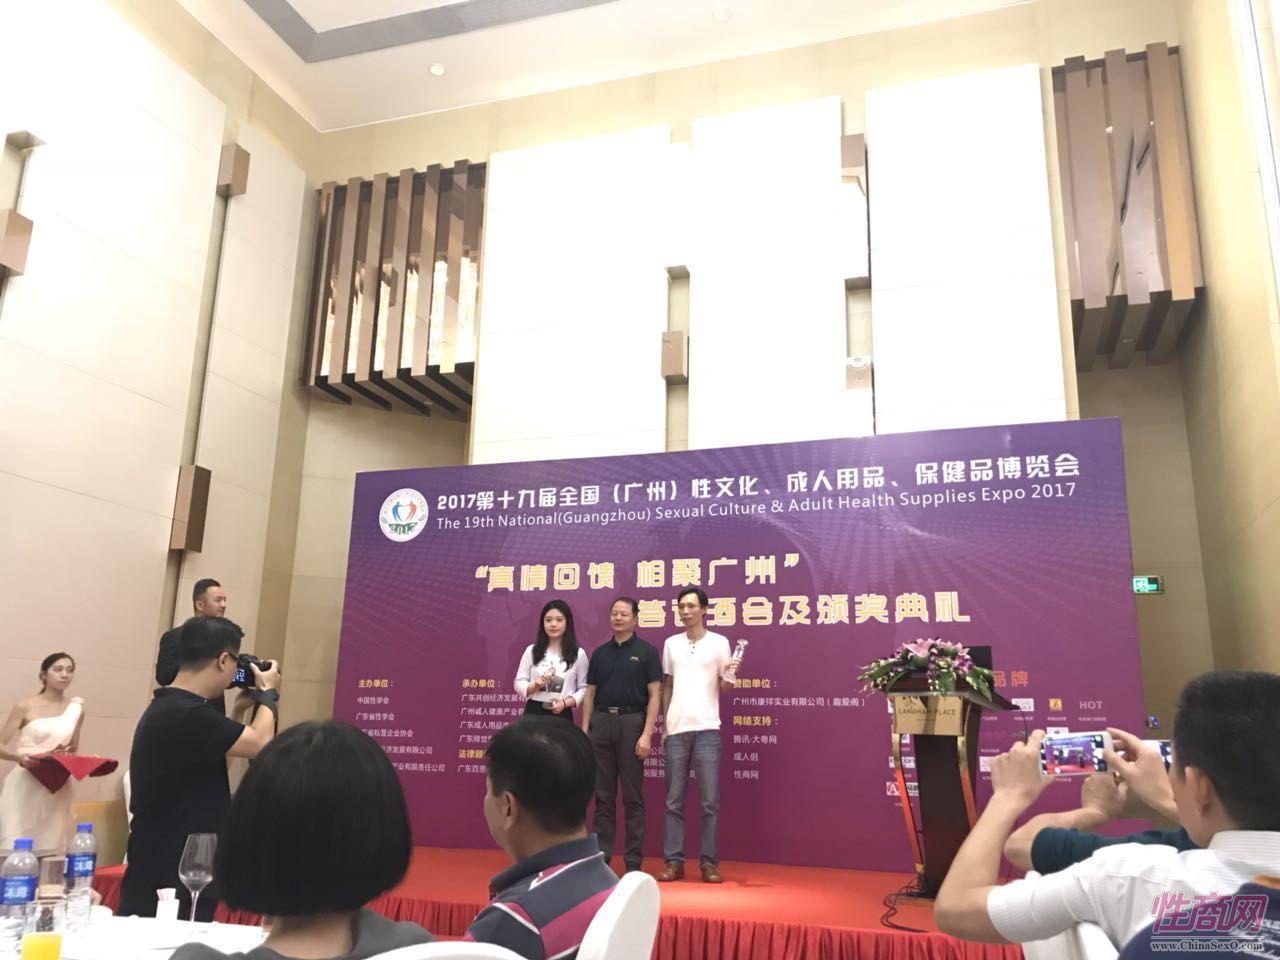 获奖企业代表领取奖杯